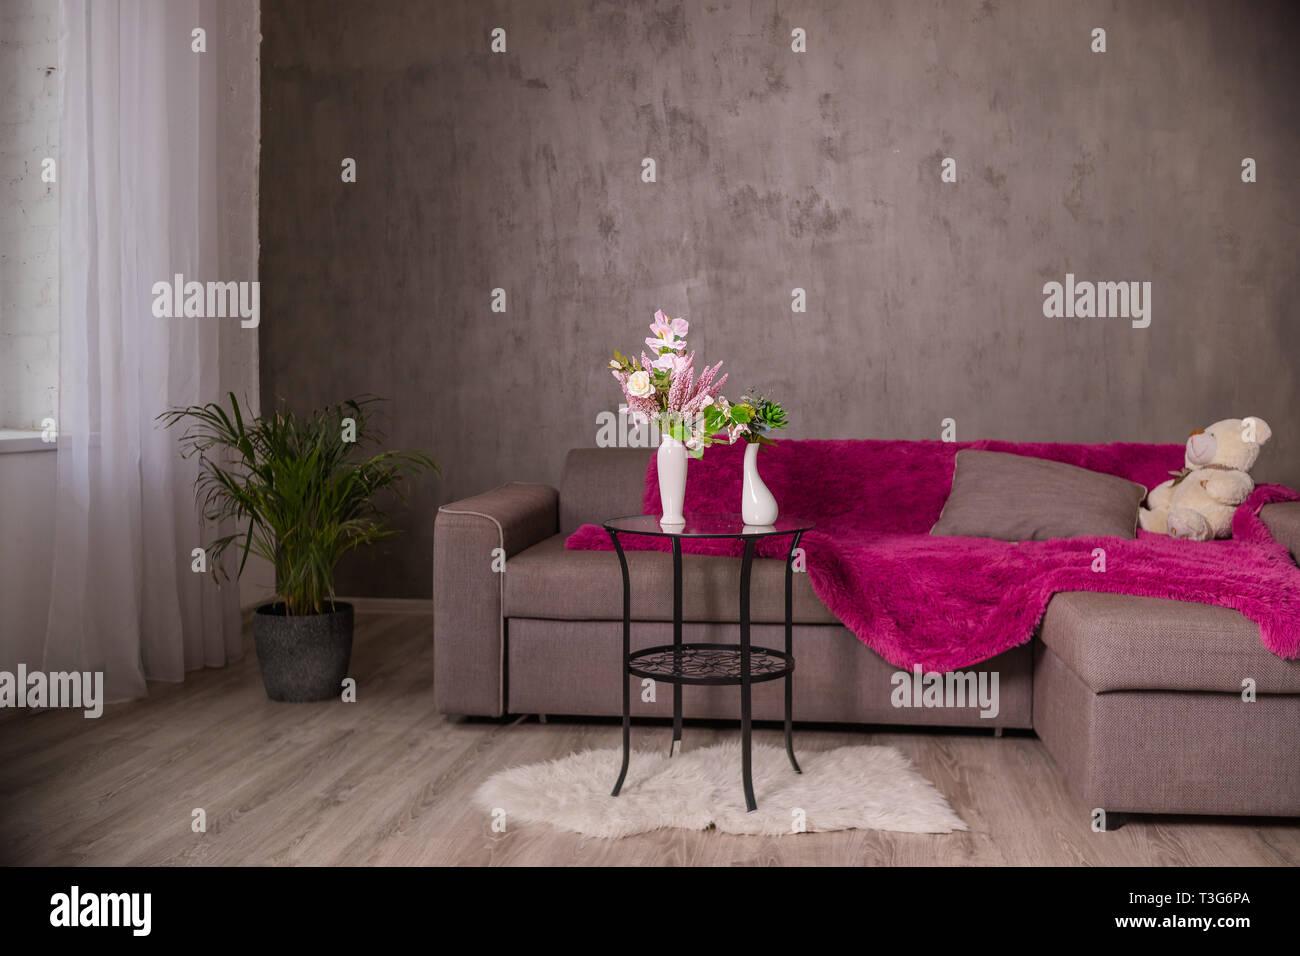 Scandinavian Living room design interno con divano e tavolo tondo con bouquet di fiori.Braun divano con plaid, cuscini, Teddy bear.arredamento moderno Foto Stock